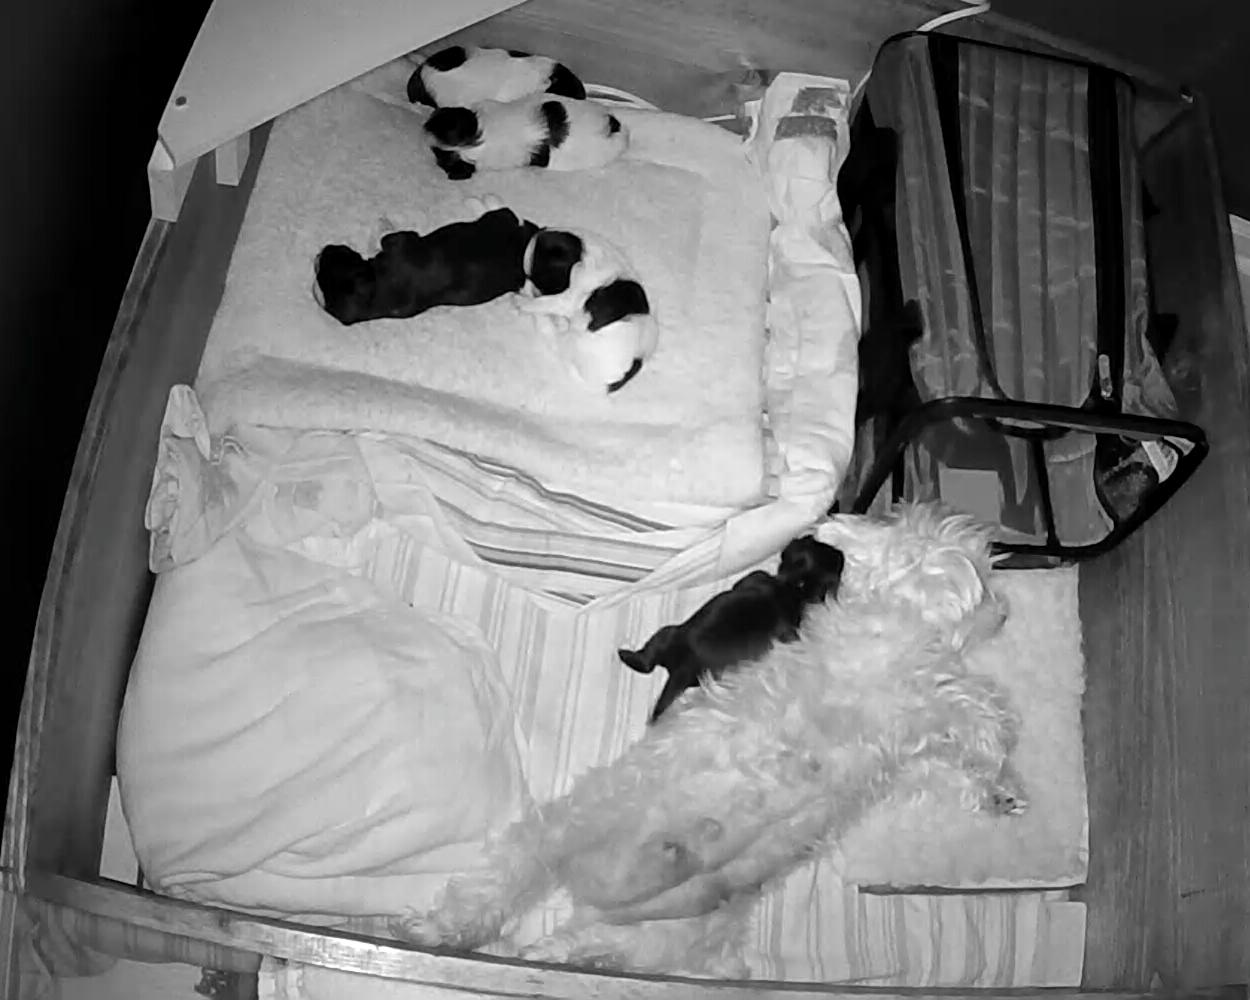 Puppies 1 week 5